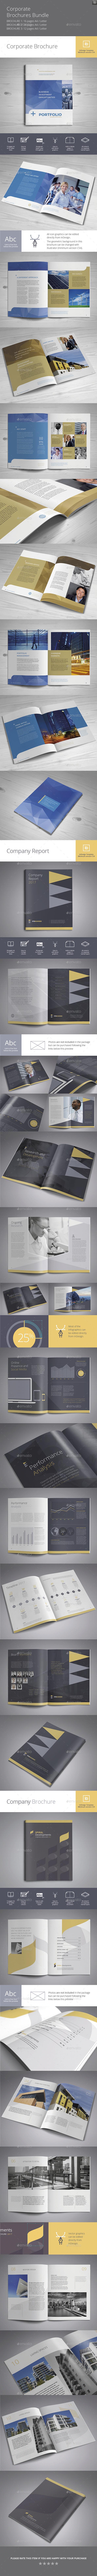 Corporate Brochures Bundle - Corporate Brochures